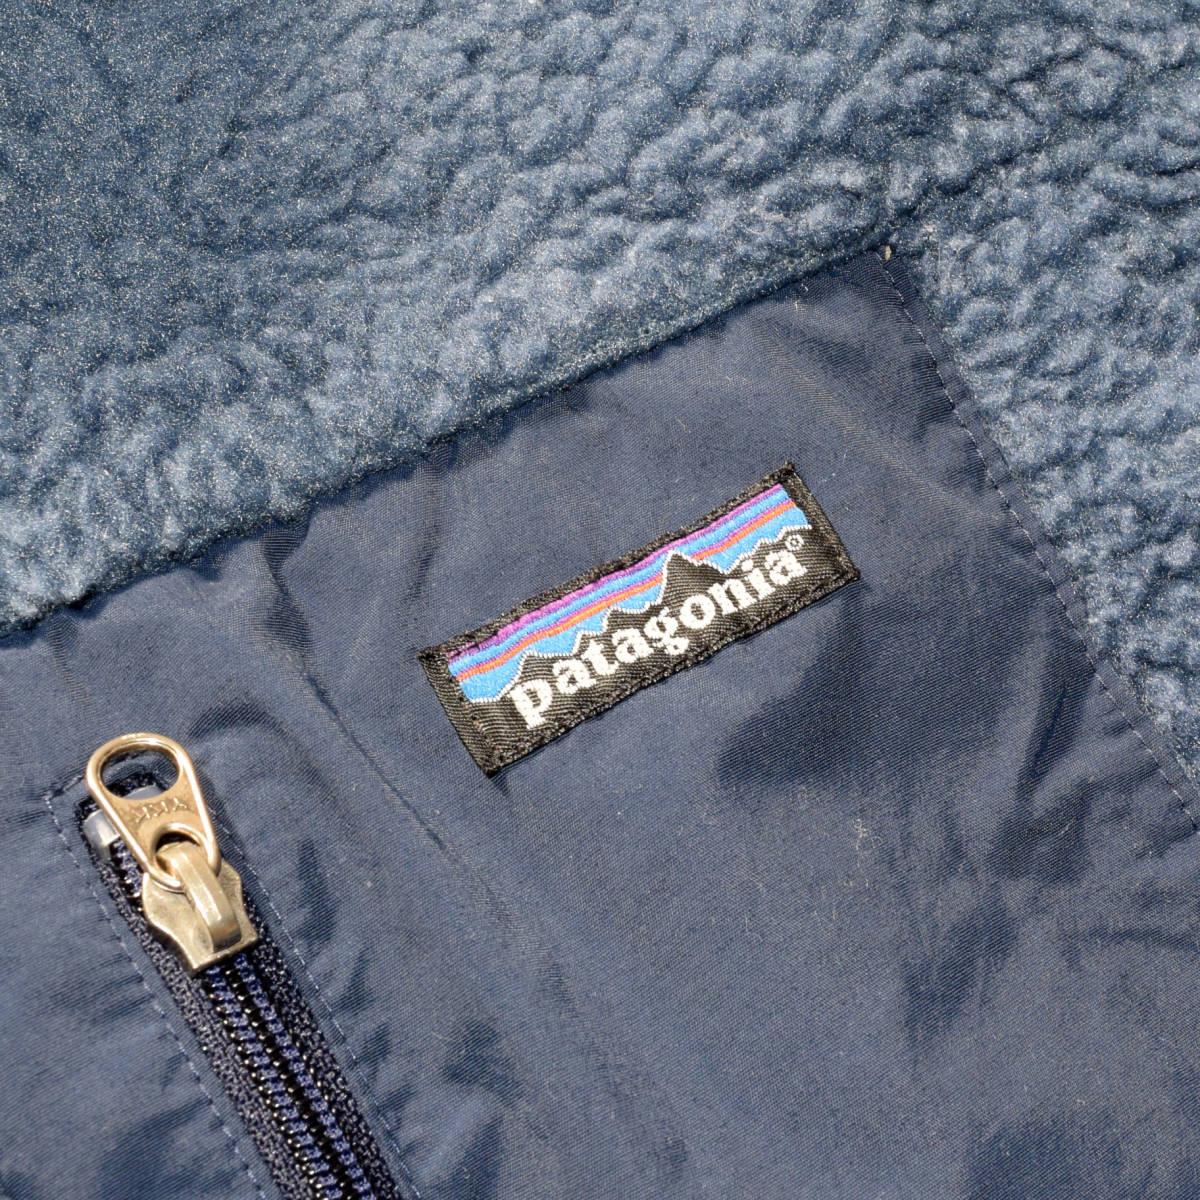 レア!送料無料!99年 USA製 パタゴニア メンズS 日本M フリース ボアパイル レトロX ジャケット レトロカーディガン 古着 ビンテージ_画像3